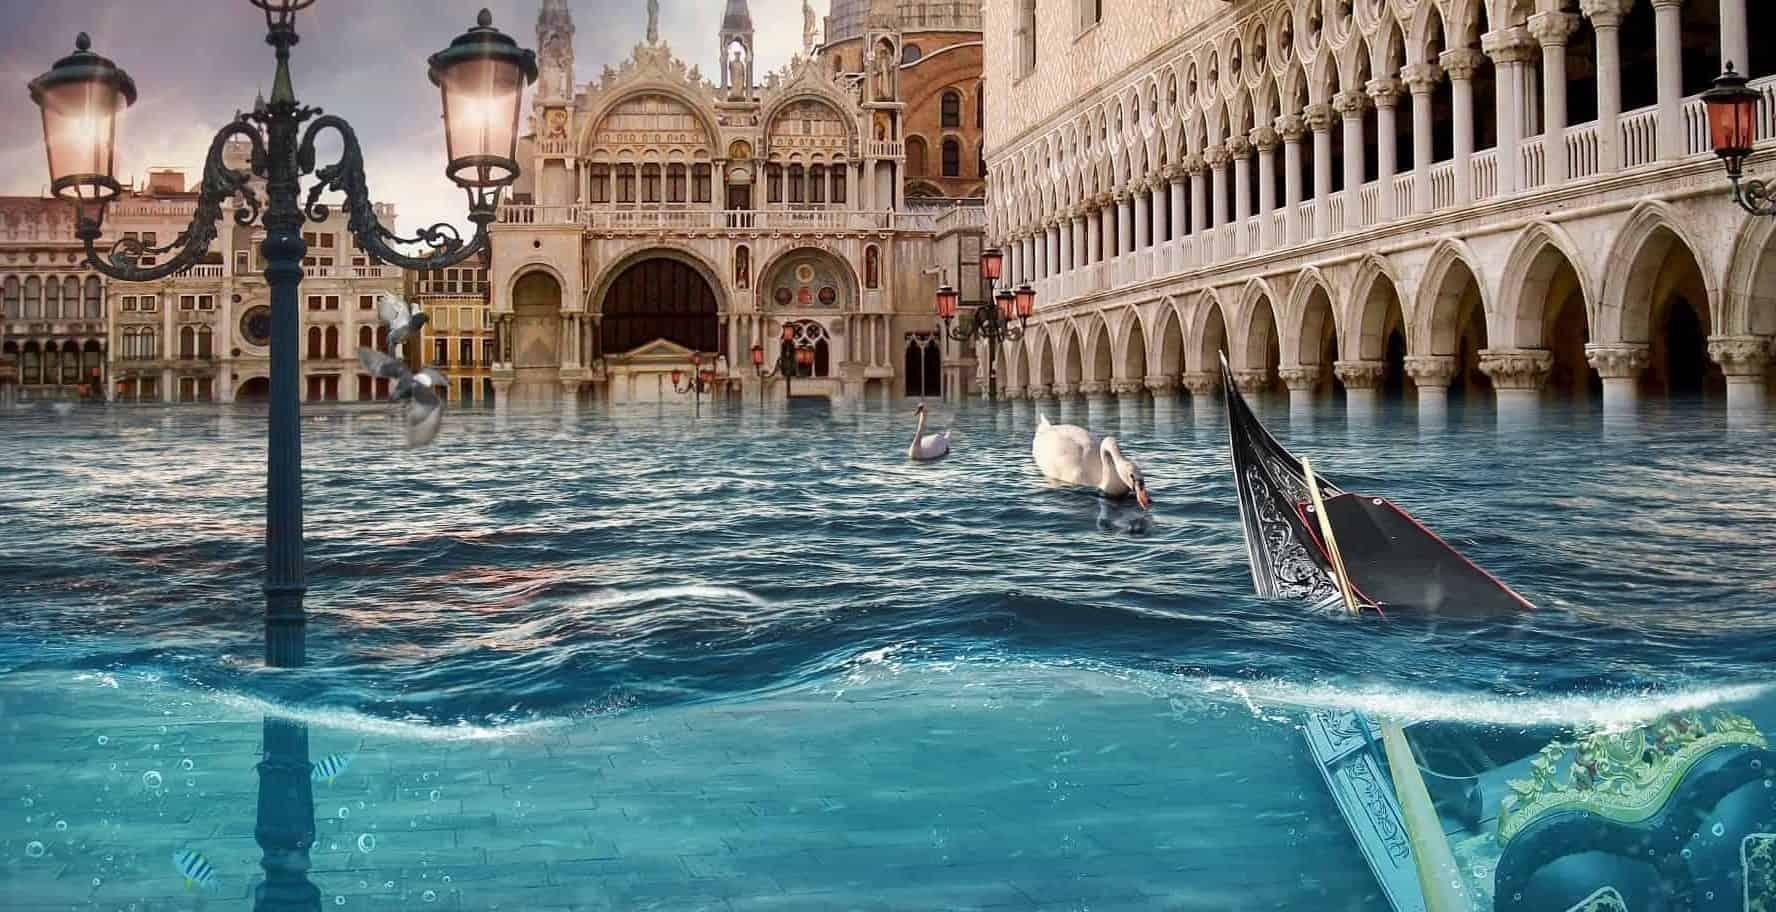 Mediterranean World Heritage Sites threatened